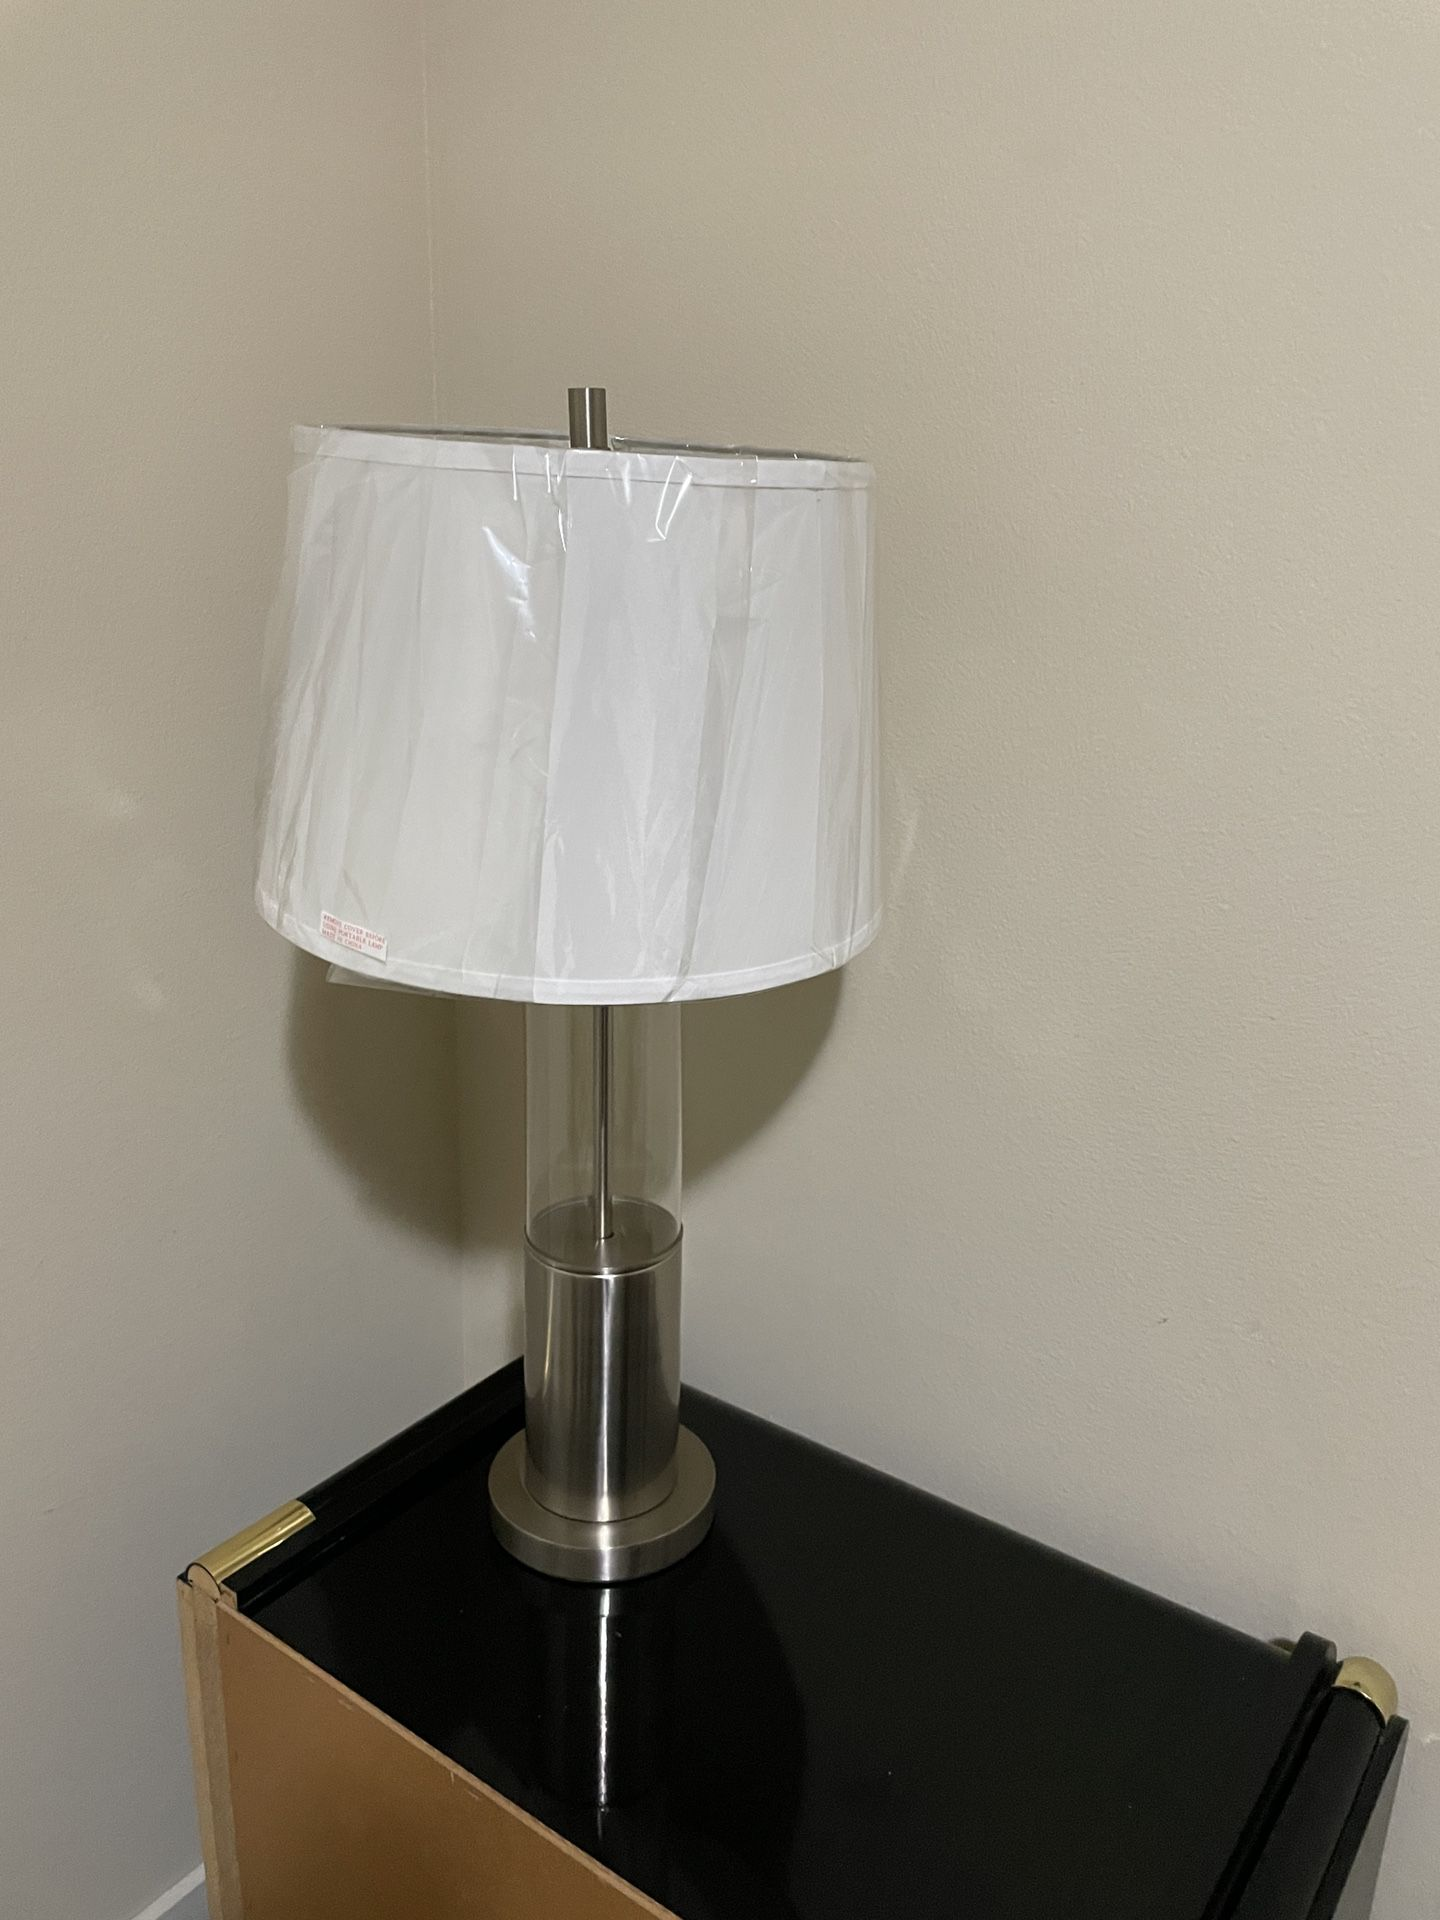 2 Bedside Lamps